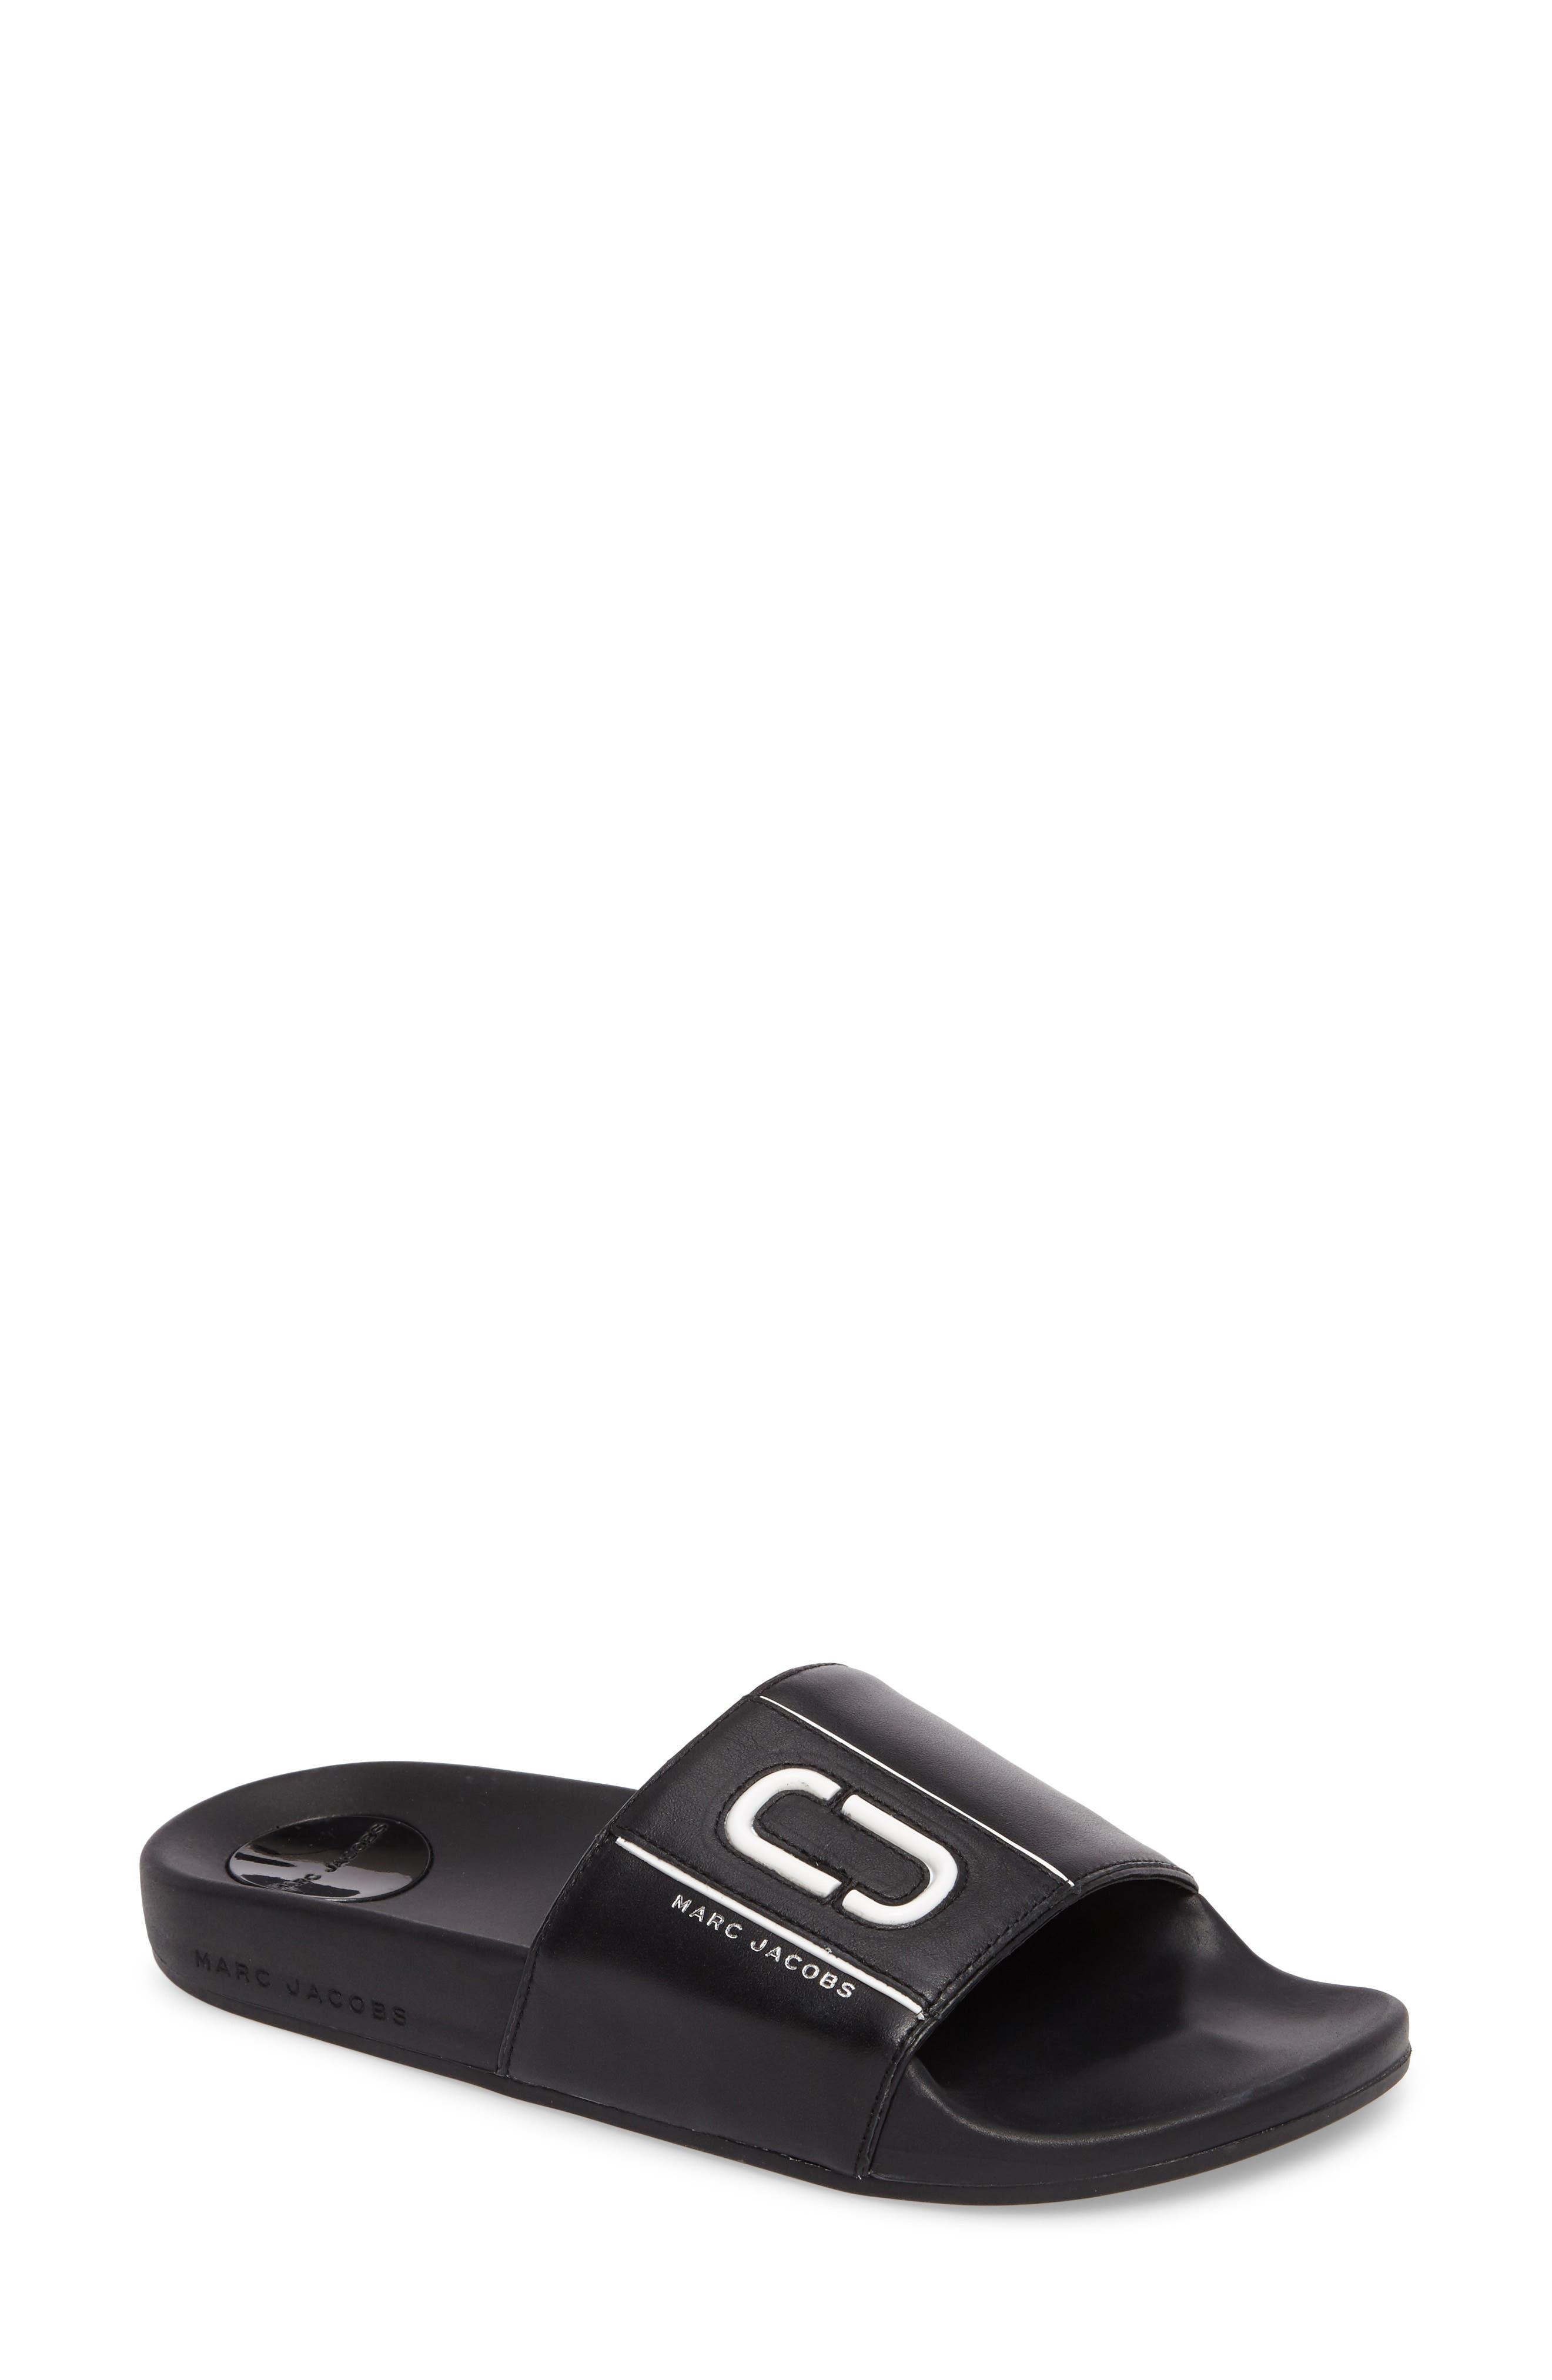 Cooper Slde Sandal,                         Main,                         color, 001